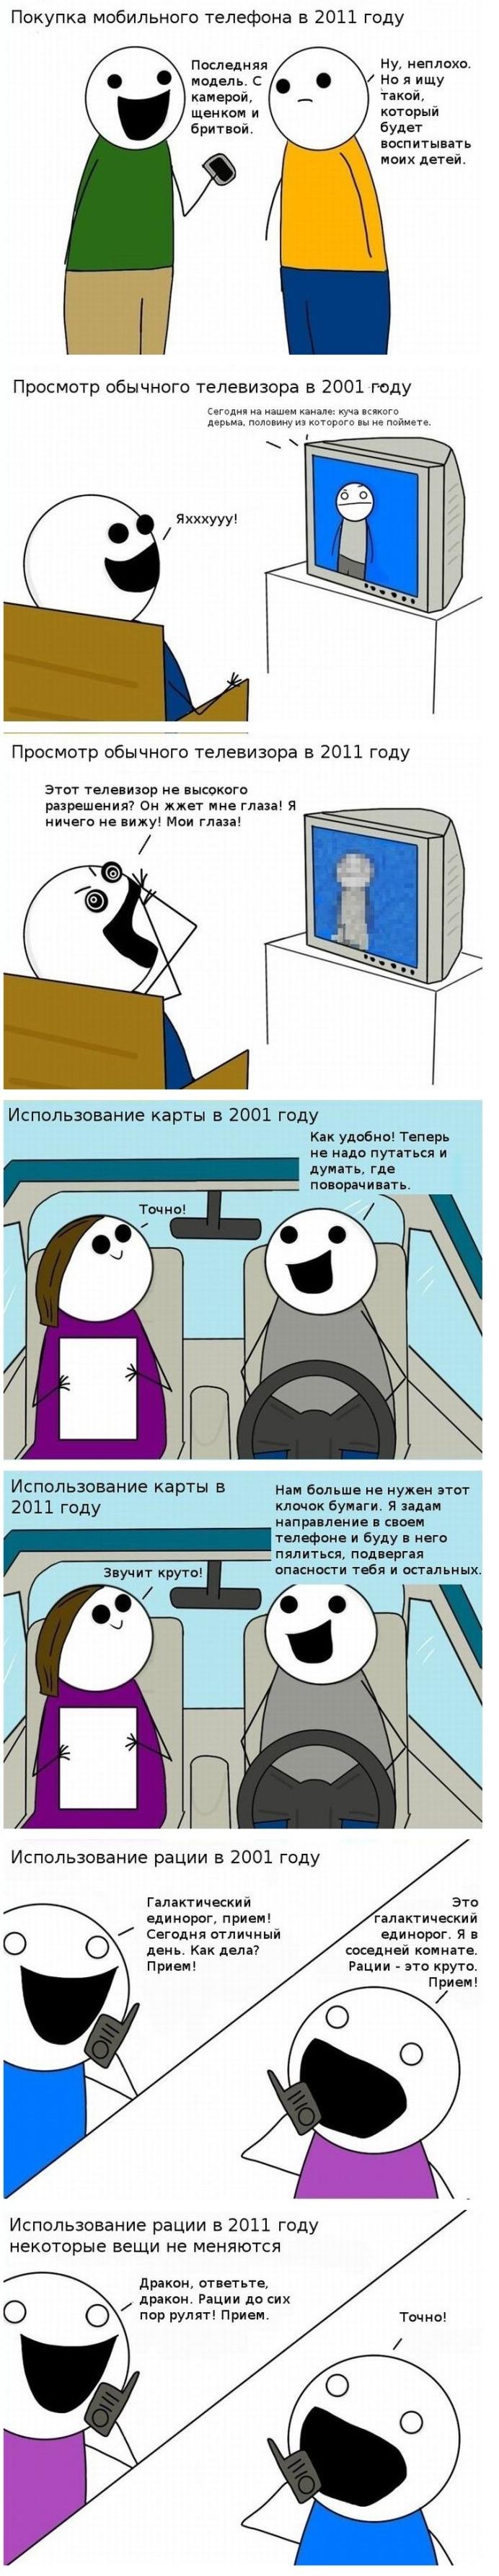 Ценности в 2001 и 2011 годах